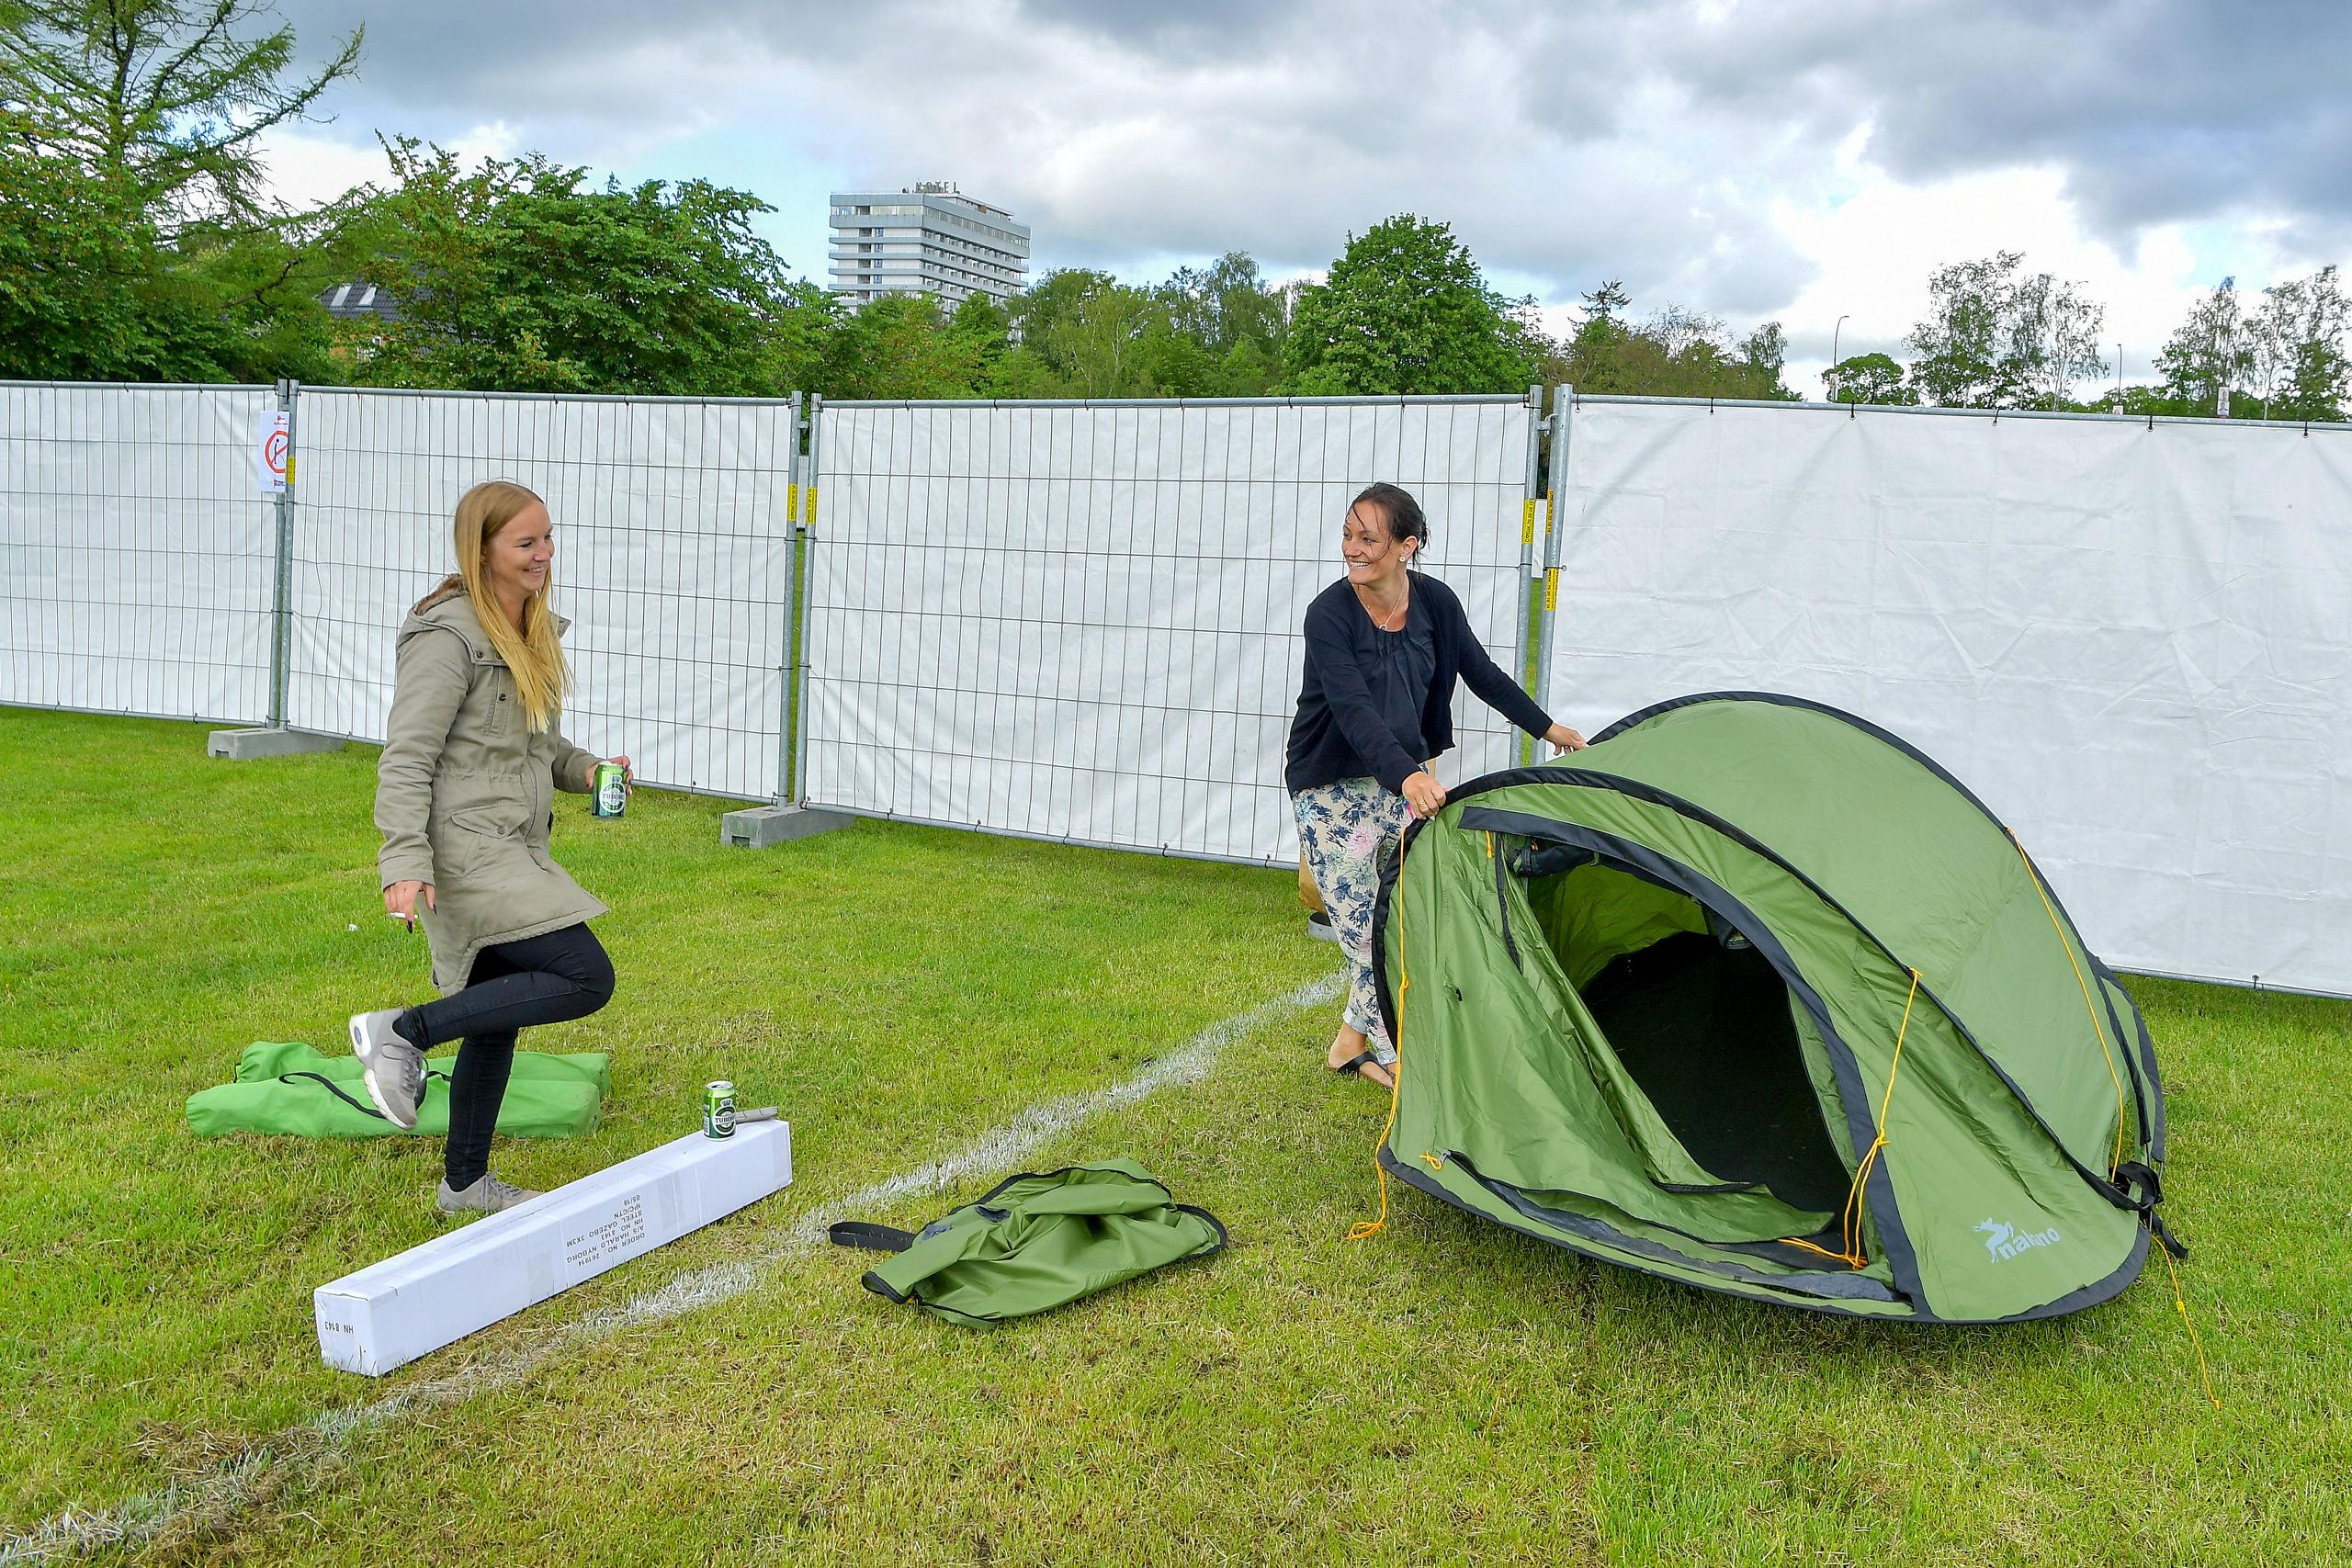 Camp Karneval indtaget: - Det er hyggeligere, sjovere og billigere end et hotelværelse